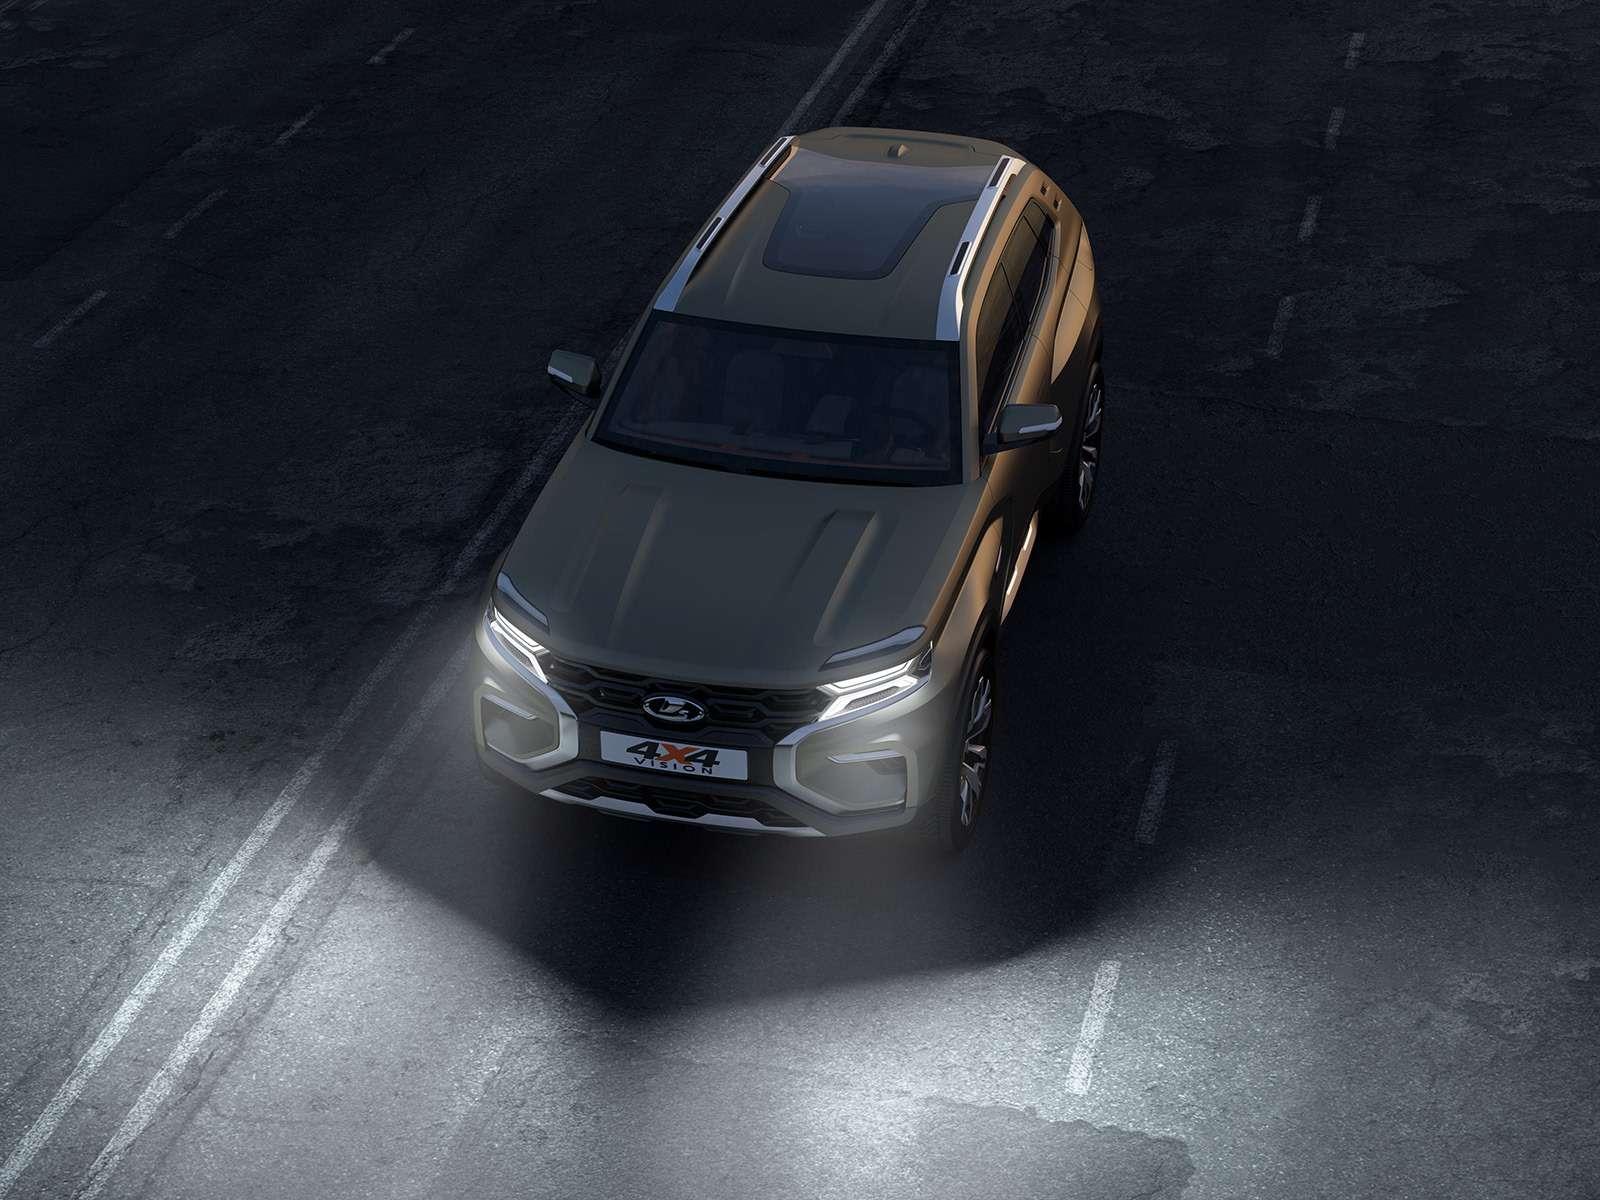 Lada 4x4 Vision: рассматриваем совсех сторон— фото 902319